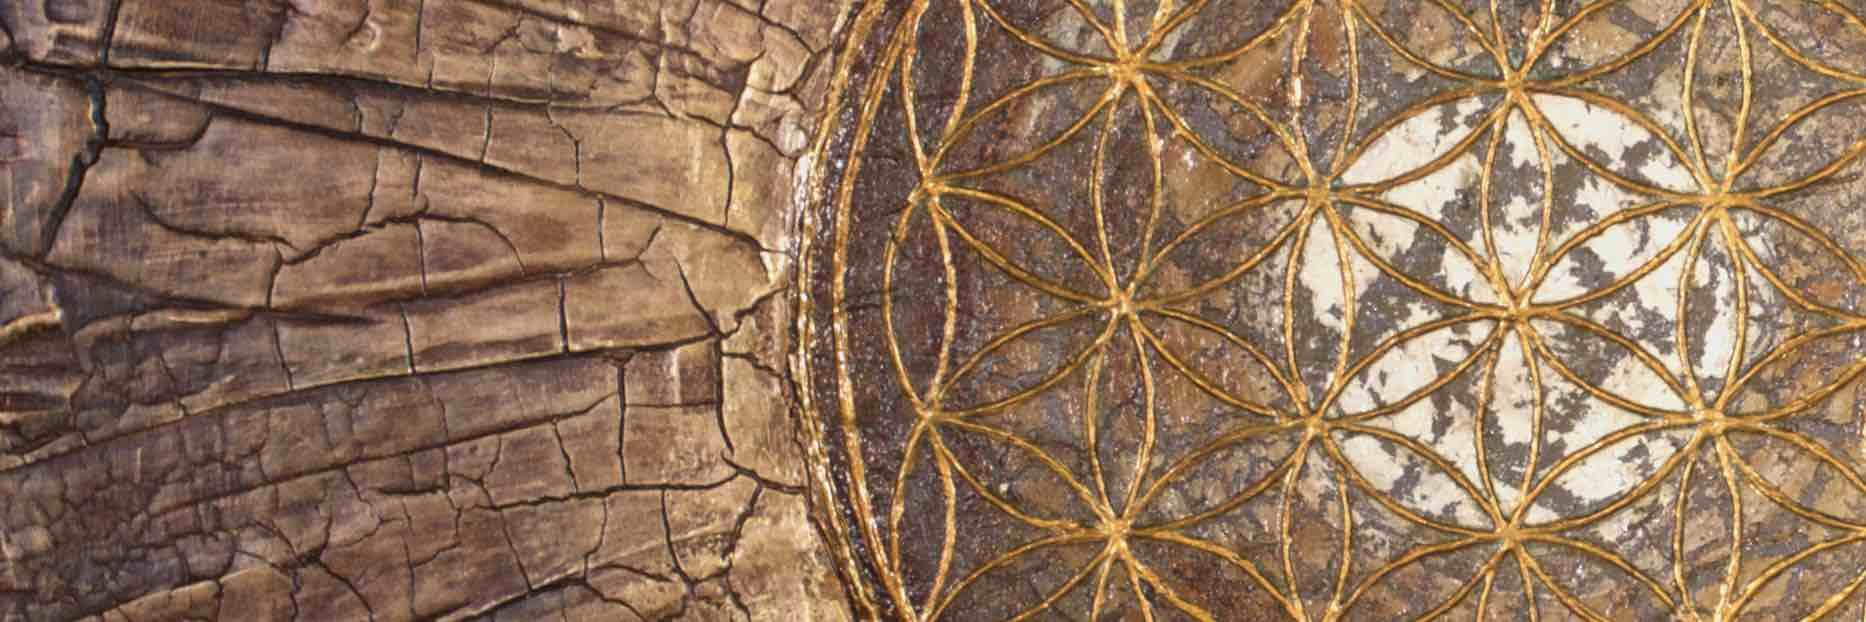 Die Blume des Lebens: Hier erhältst Du alle wichtigen Information zur Bedeutung und Wirkung des Symbols sowie zu den Anwendungsmöglichkeiten im Alltag